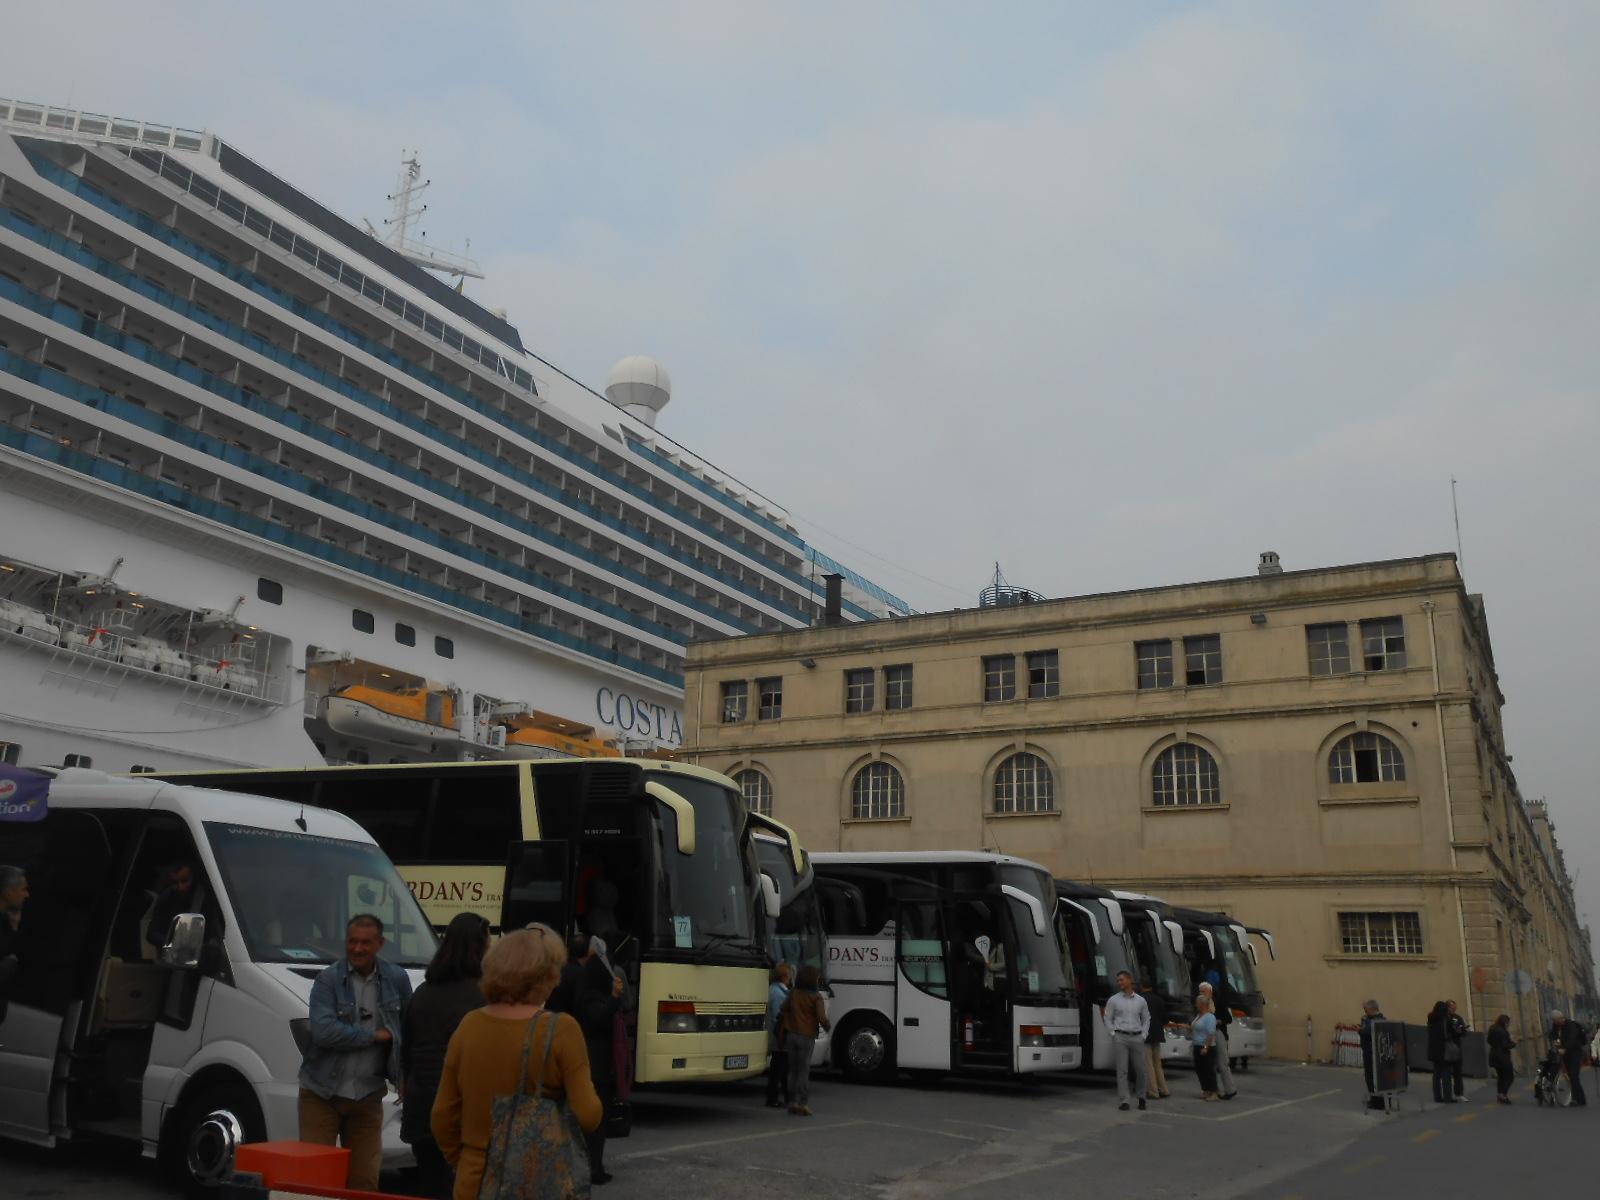 DSCN9858 buses